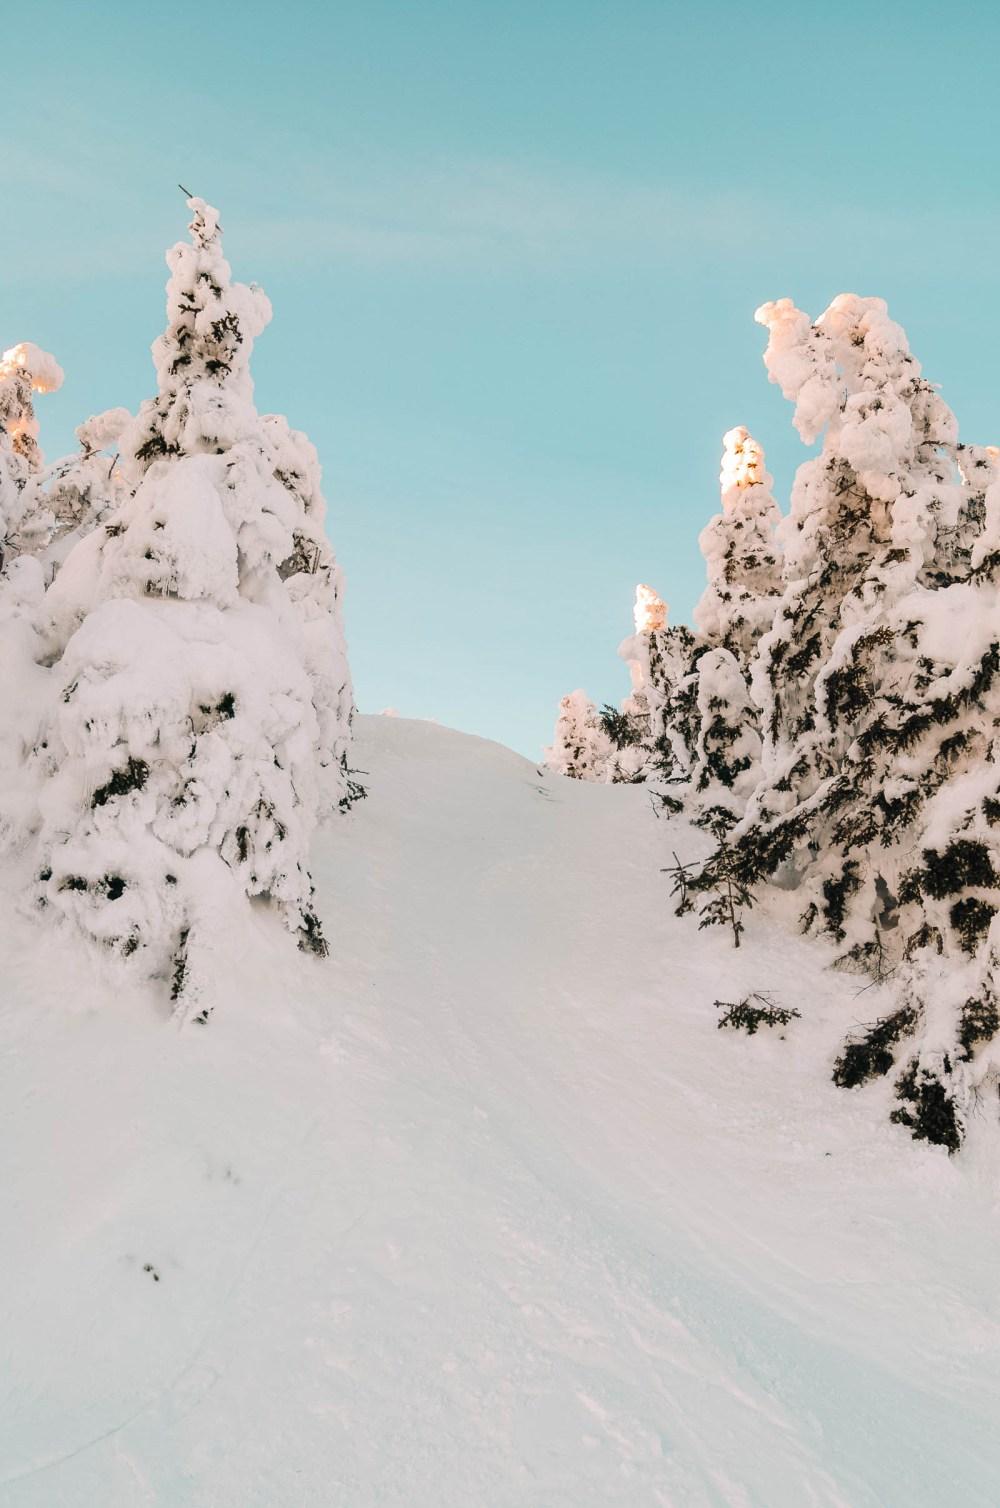 Skiing near Reno